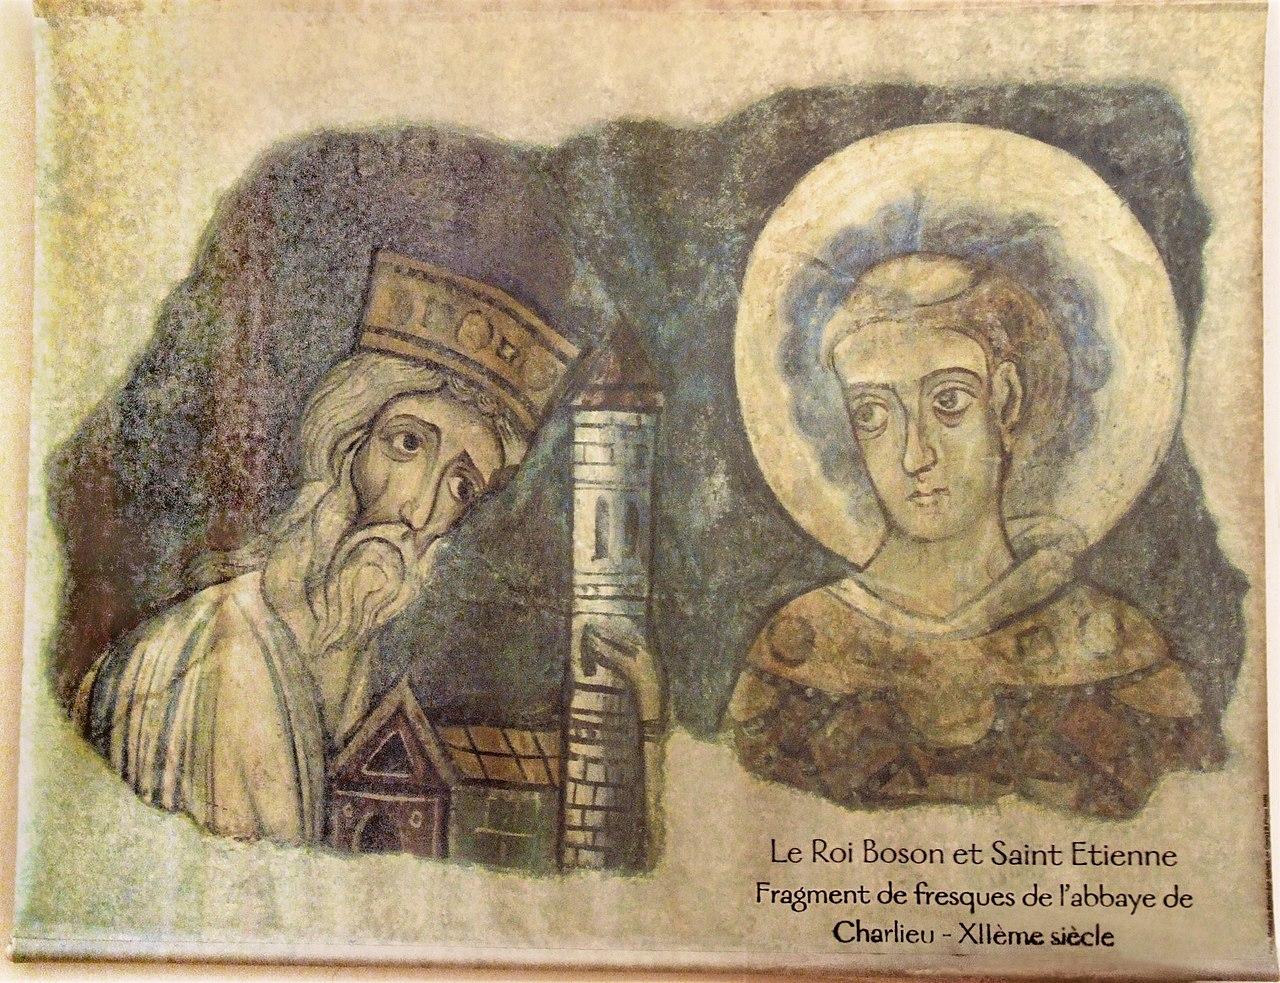 Le Roi Boson et Saint Etienne  (Texte en anglais, Intéressant) dans images sacrée